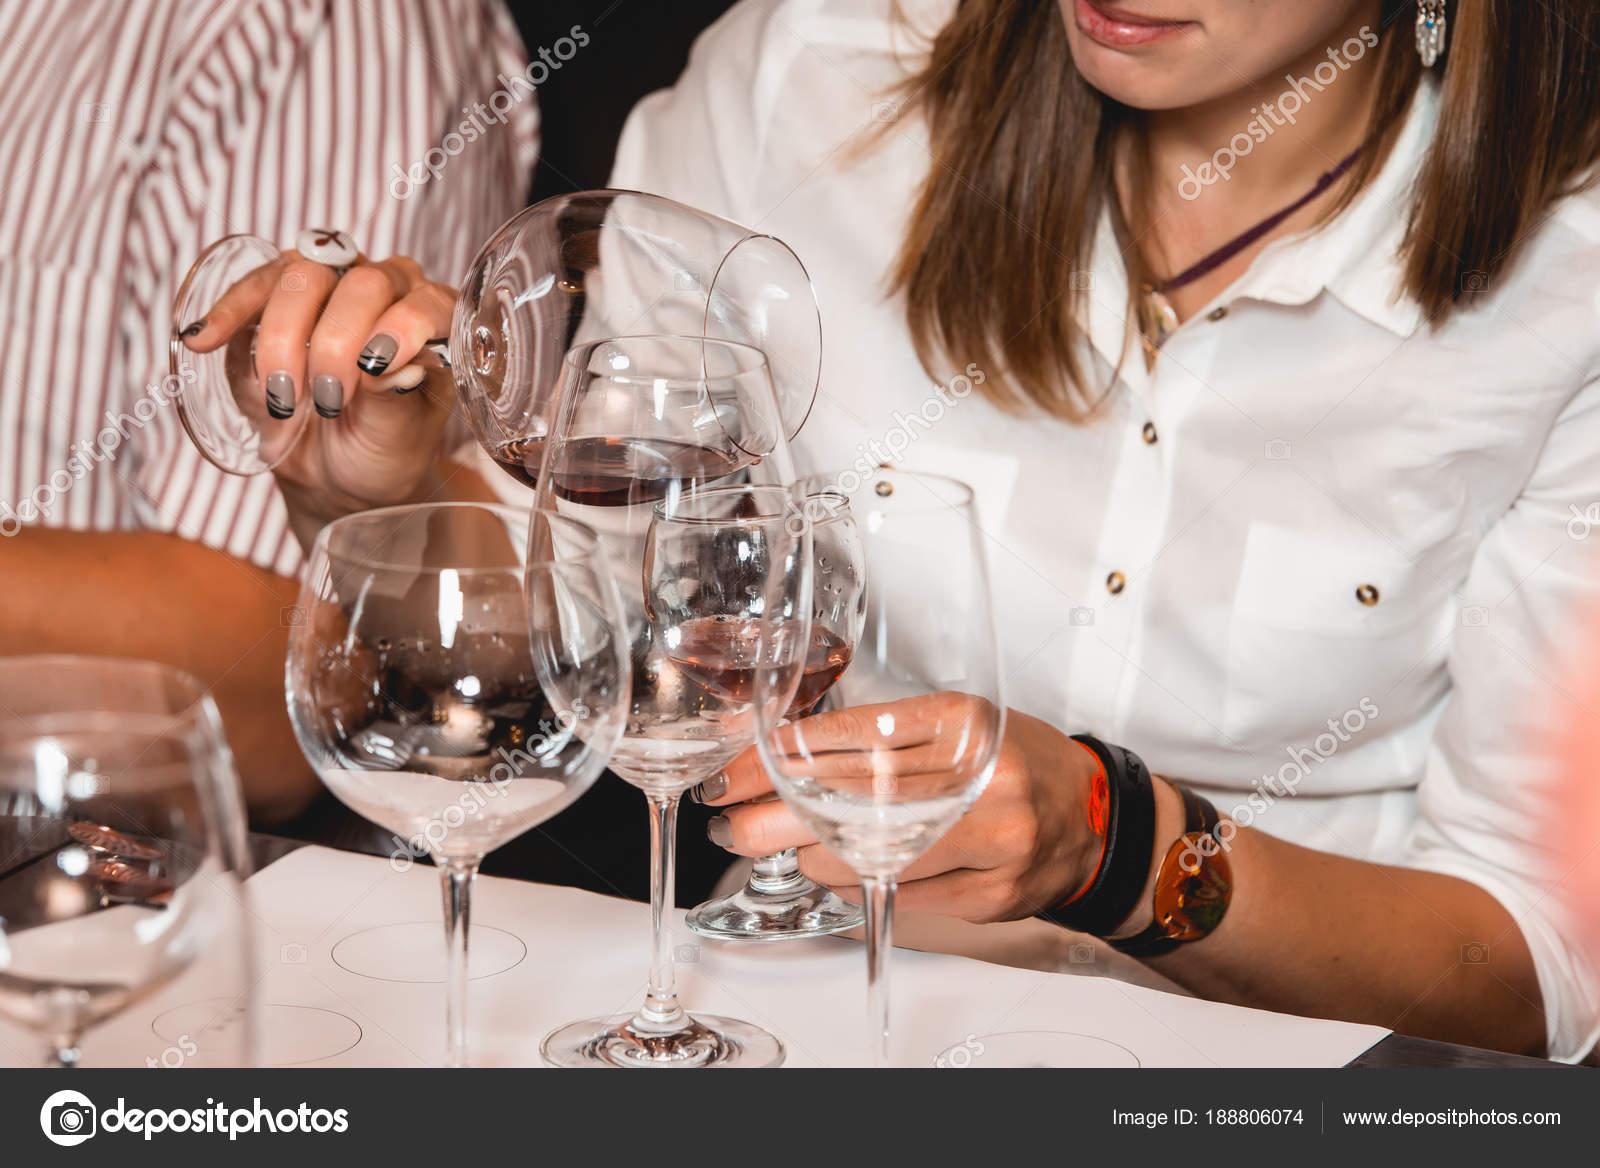 Frau Hält Glas Wein Menschen Betrachten Die Farbe Des Weins Und